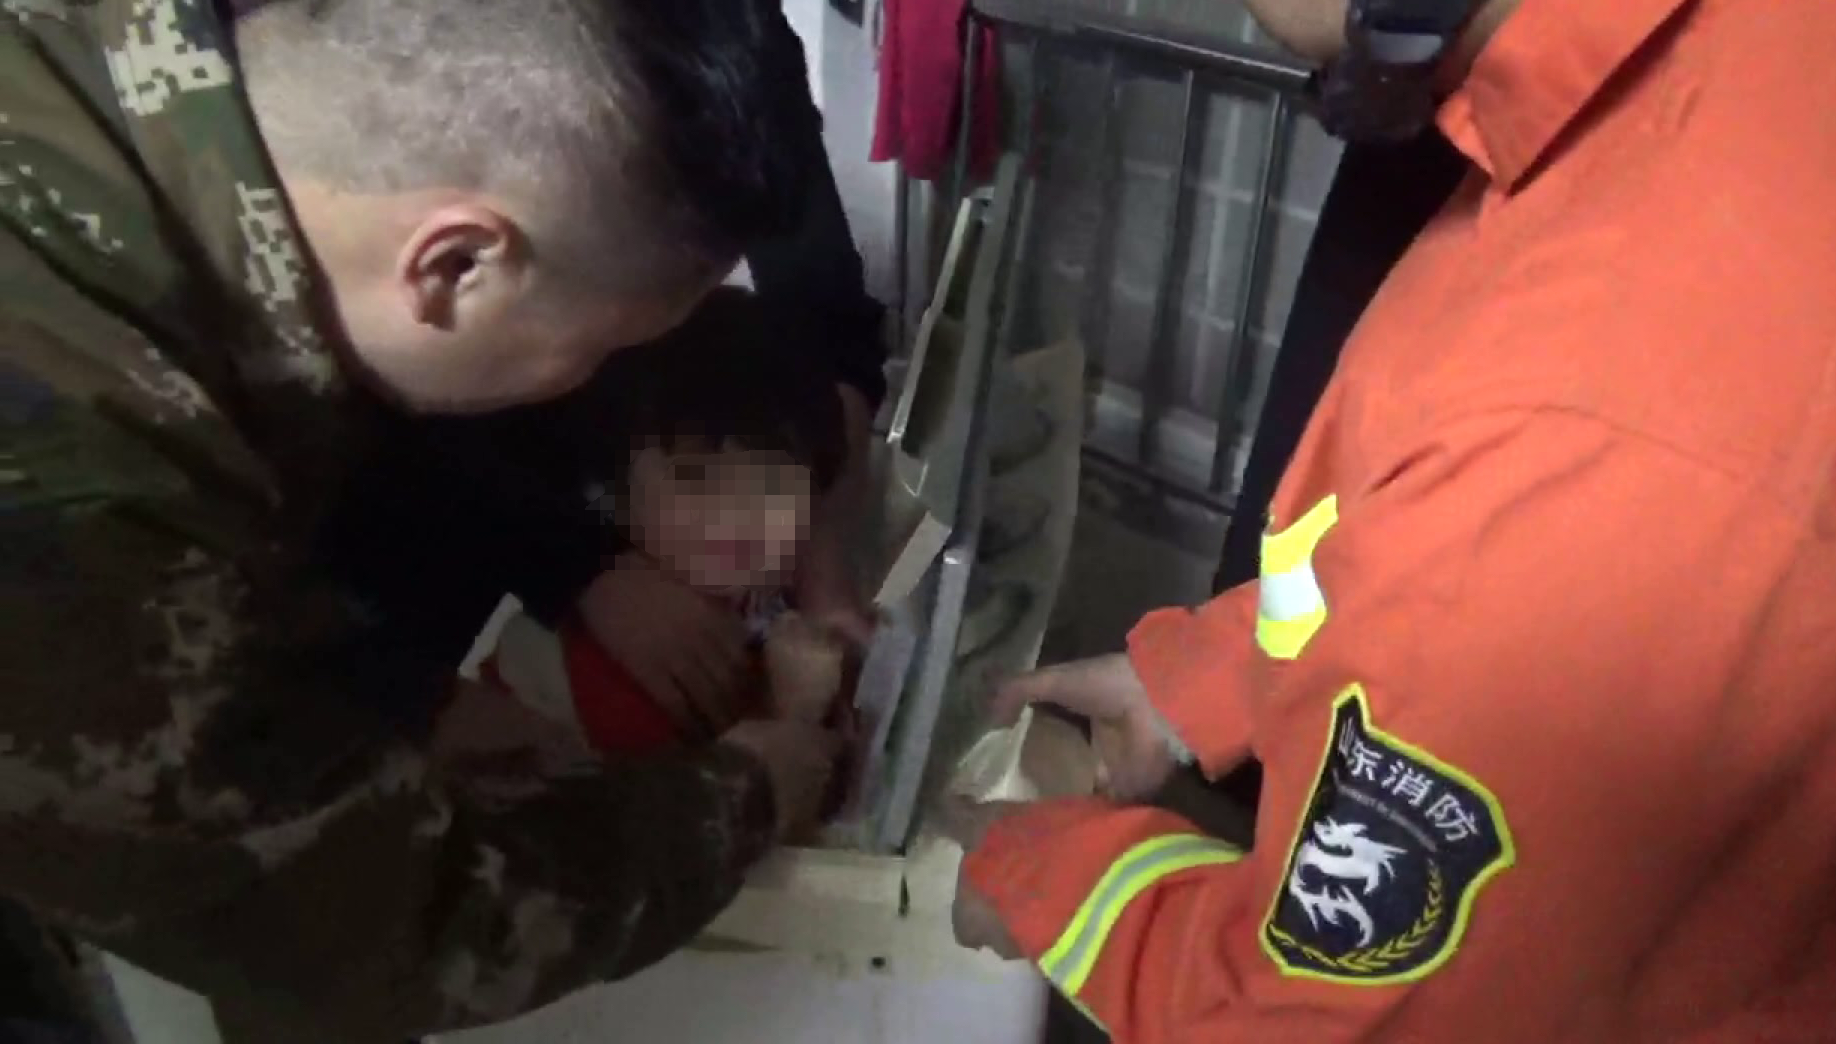 45秒丨菏泽3岁女童太顽皮 钻进洗衣机被卡不能动弹